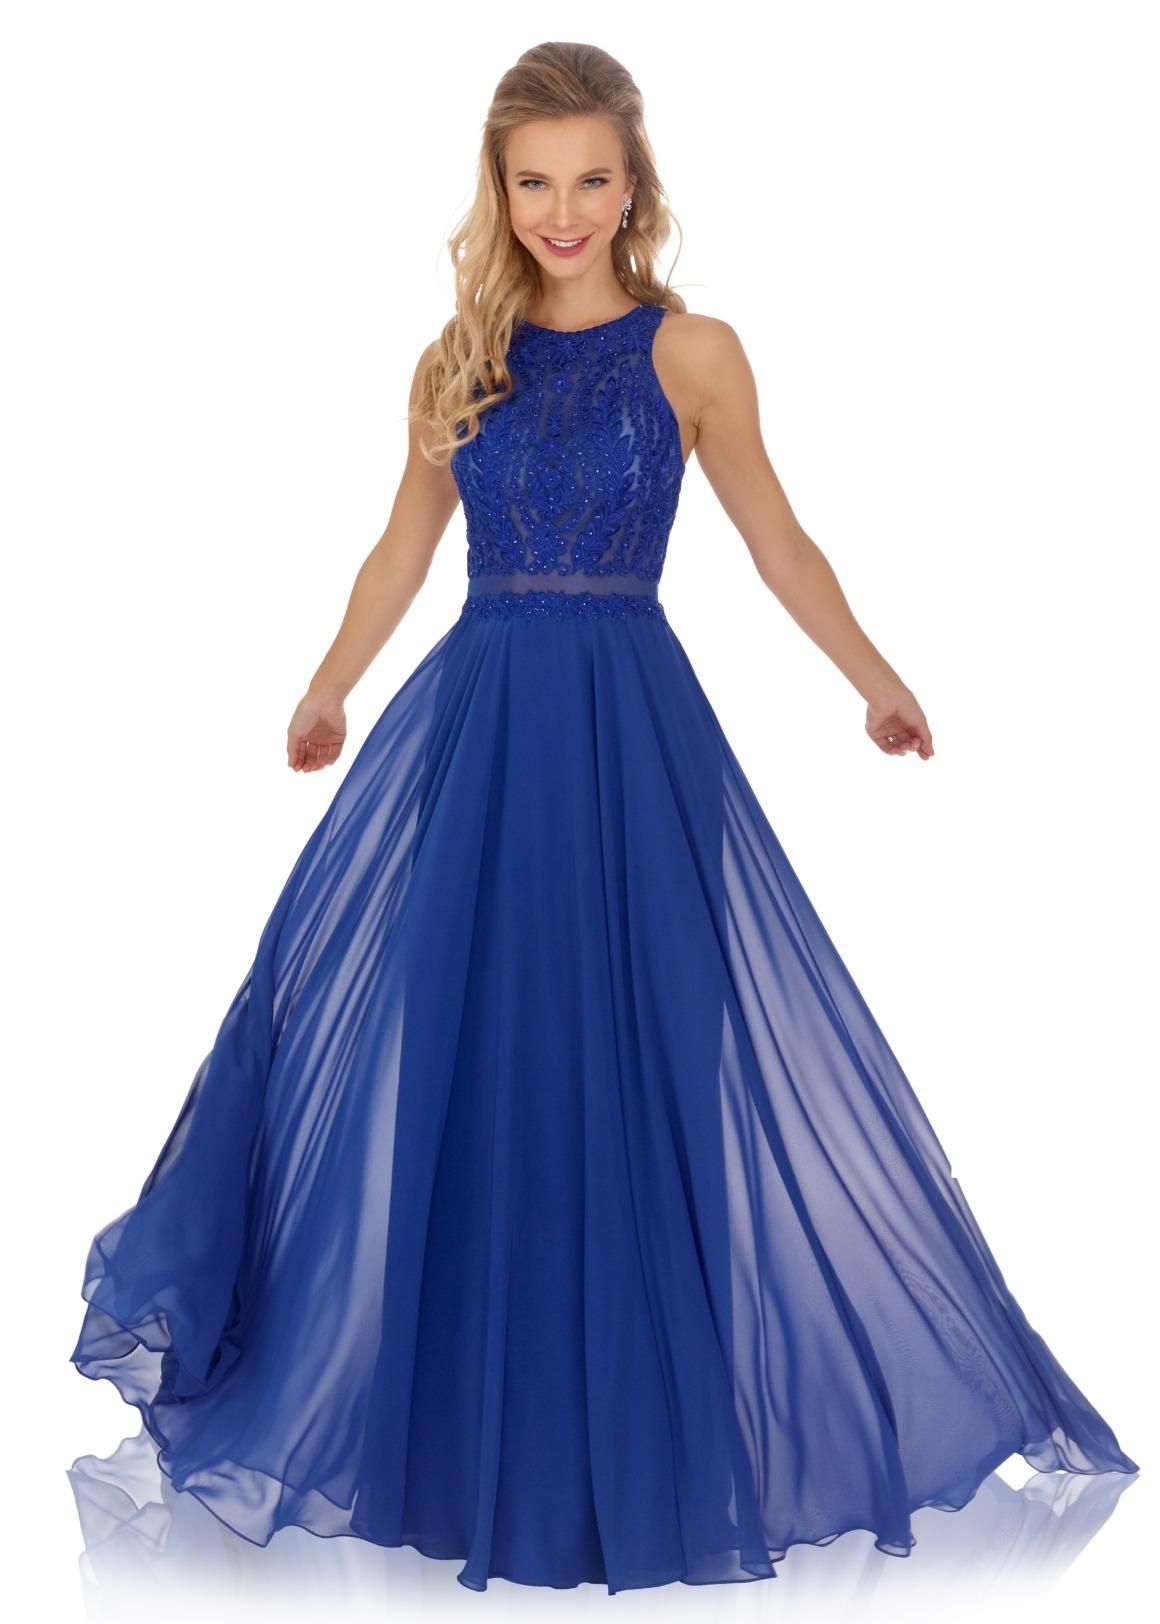 Schützenfest Königinnenkleid Hofdamen Hofstaat Kleid marine royal blau elegant glitzer Chiffon Rock